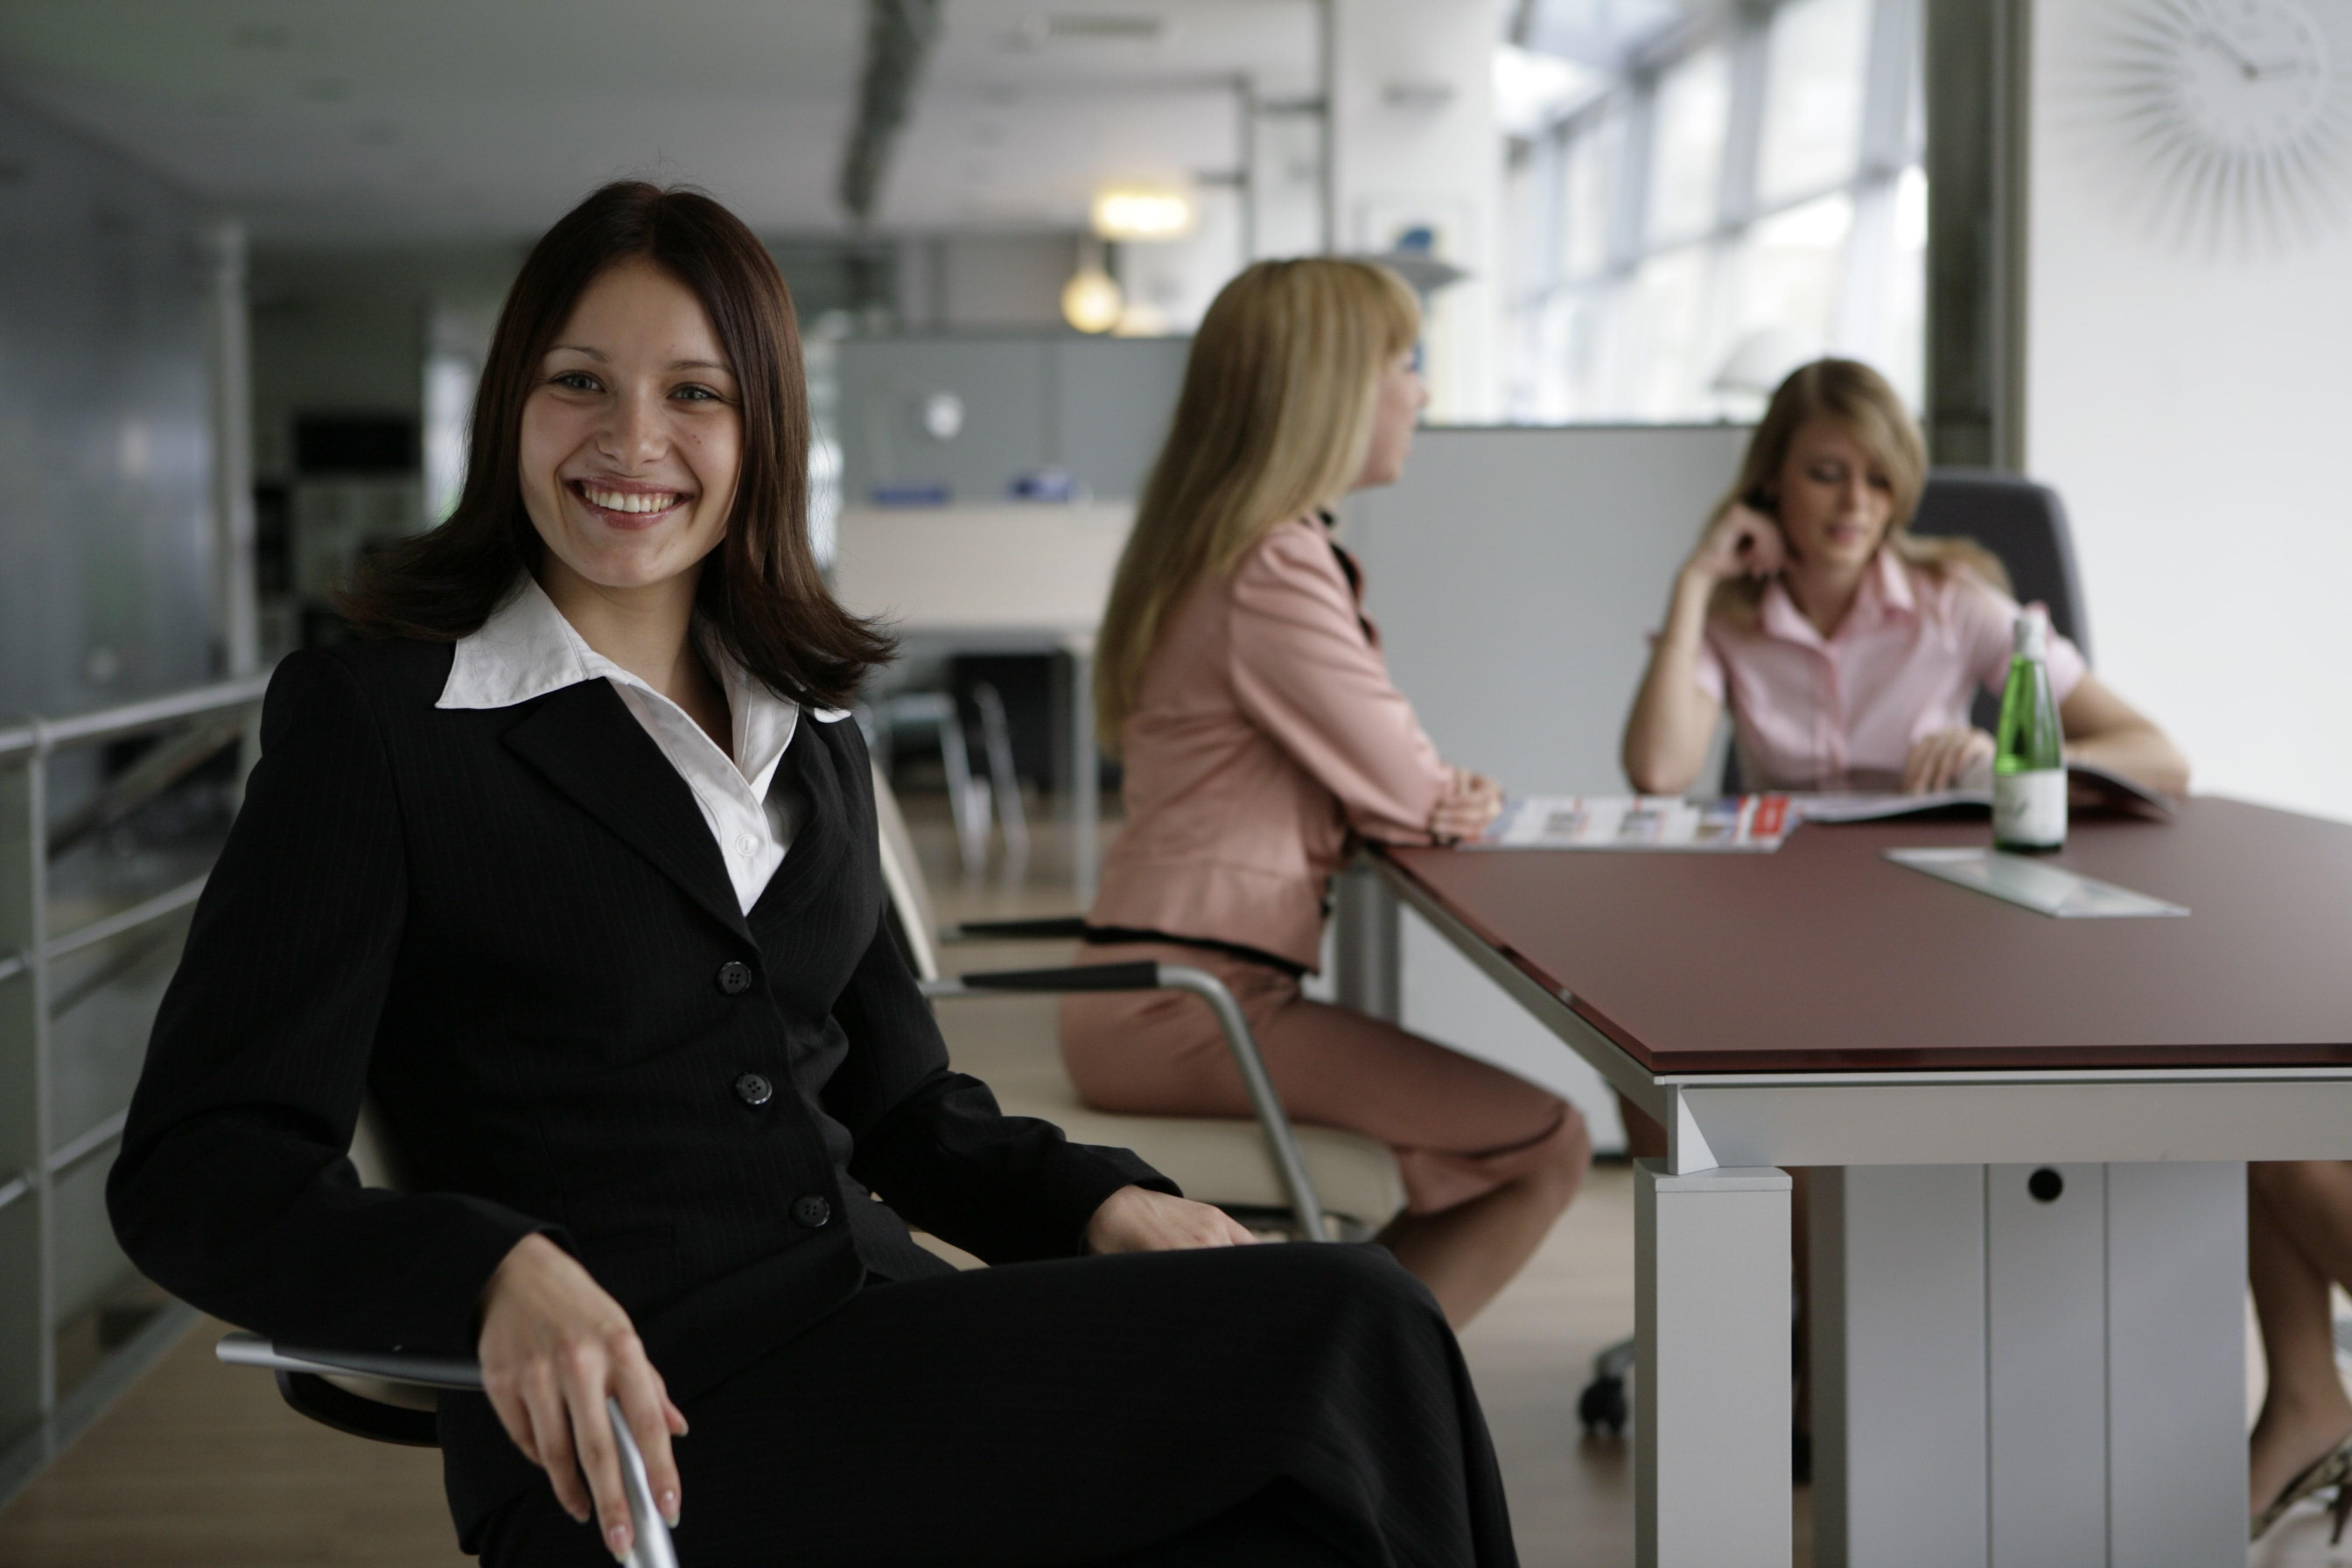 После аспирантуры какая степень Университет СИНЕРГИЯ Возможно ли дальнейшее повышение уровня квалификации